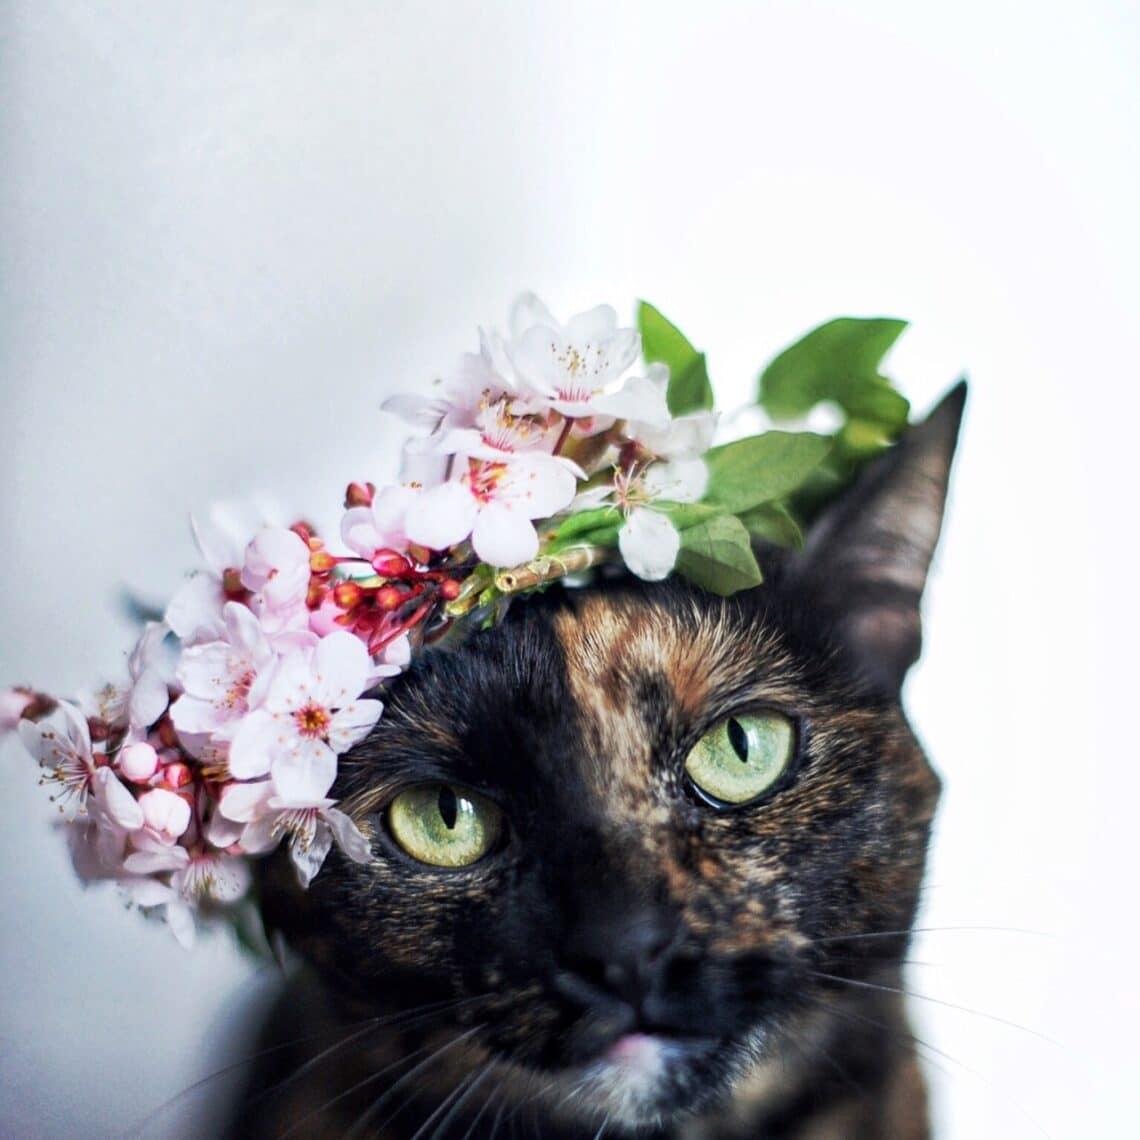 5 dolog, ami másként lenne, ha a macskák uralnák a világot